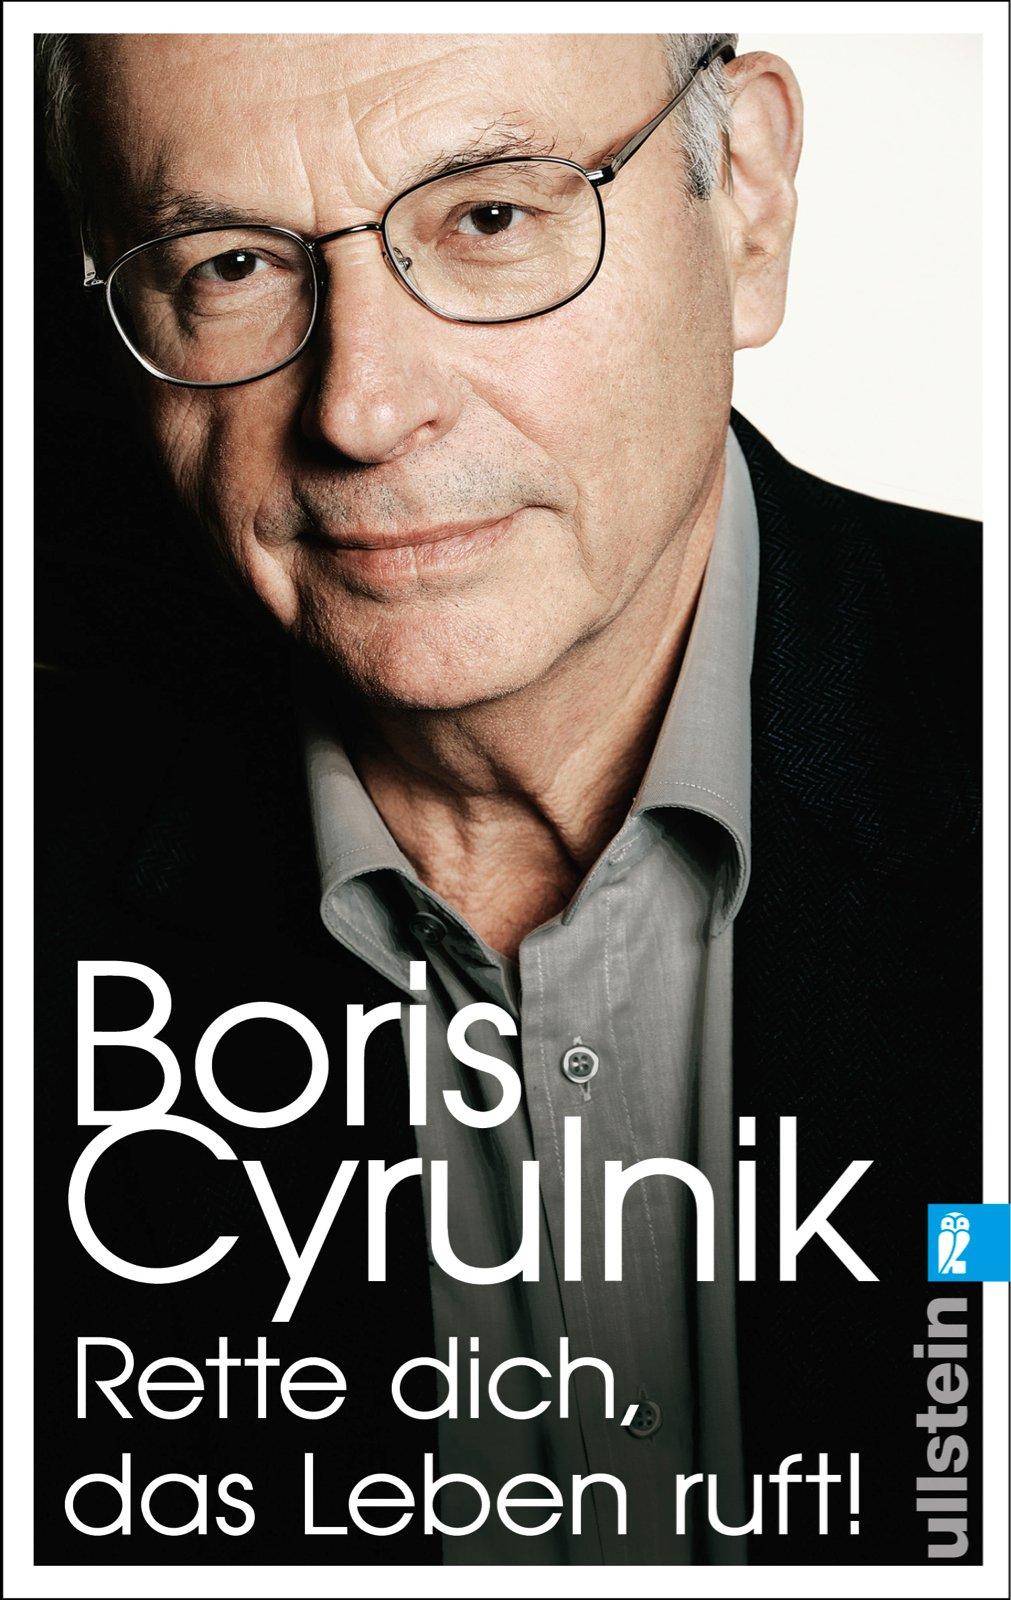 Rette dich, das Leben ruft! Taschenbuch – 6. Februar 2015 Boris Cyrulnik Hainer Kober Ullstein Taschenbuch 3548375839